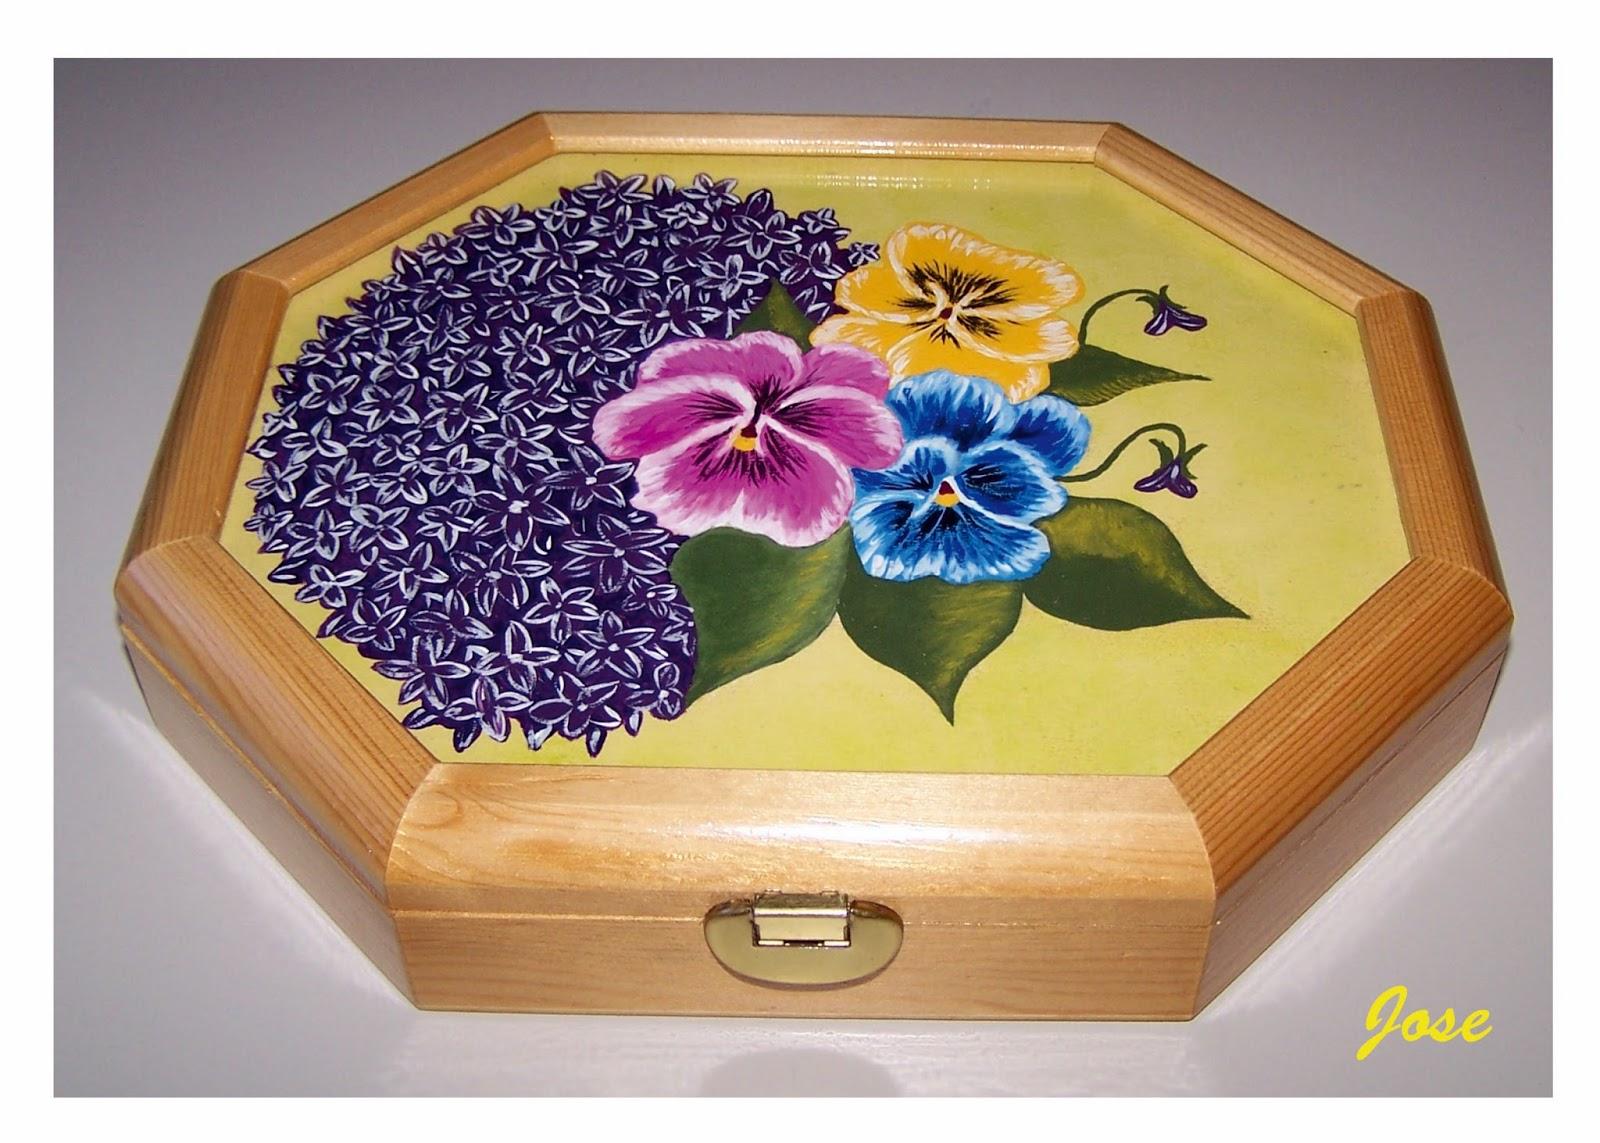 Los hobbies de jose cajas - Pinturas de madera ...